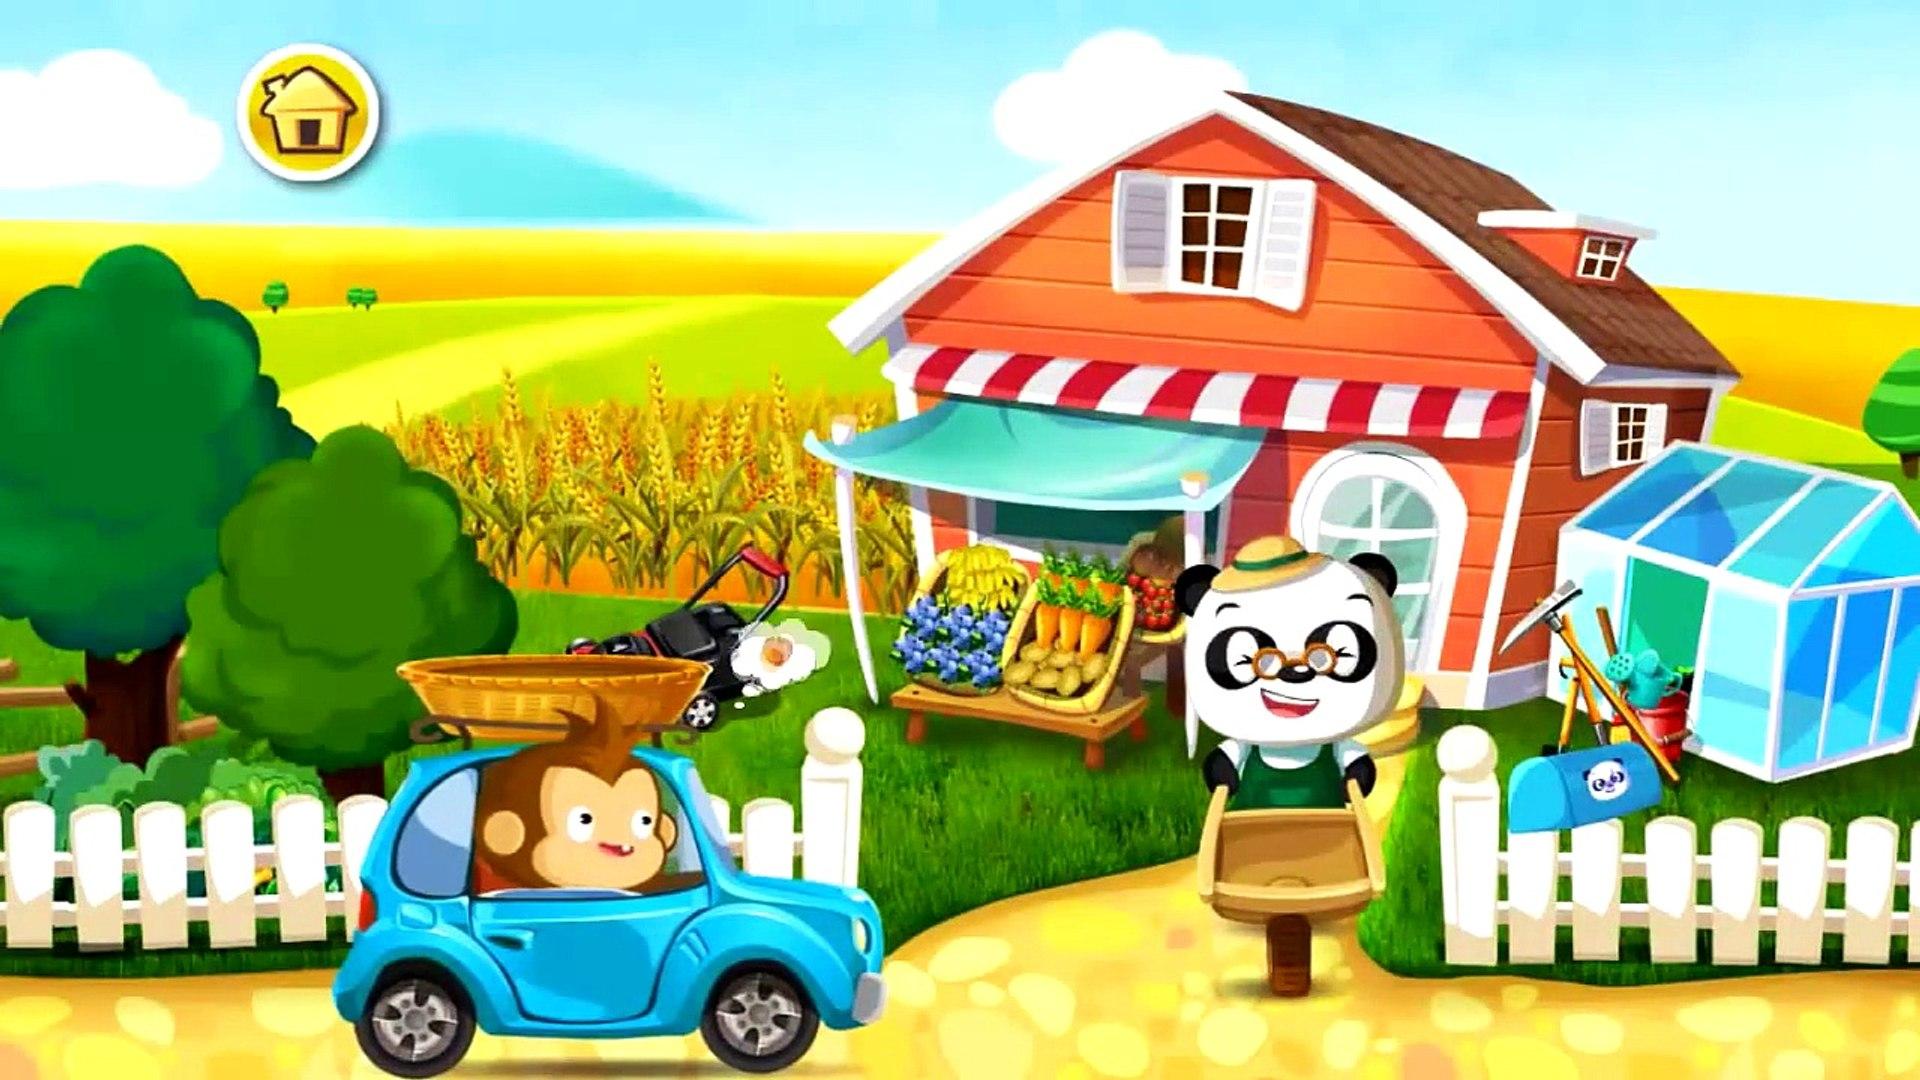 Сад доктора панды | овощи и фрукты | мультик игра детям # 1